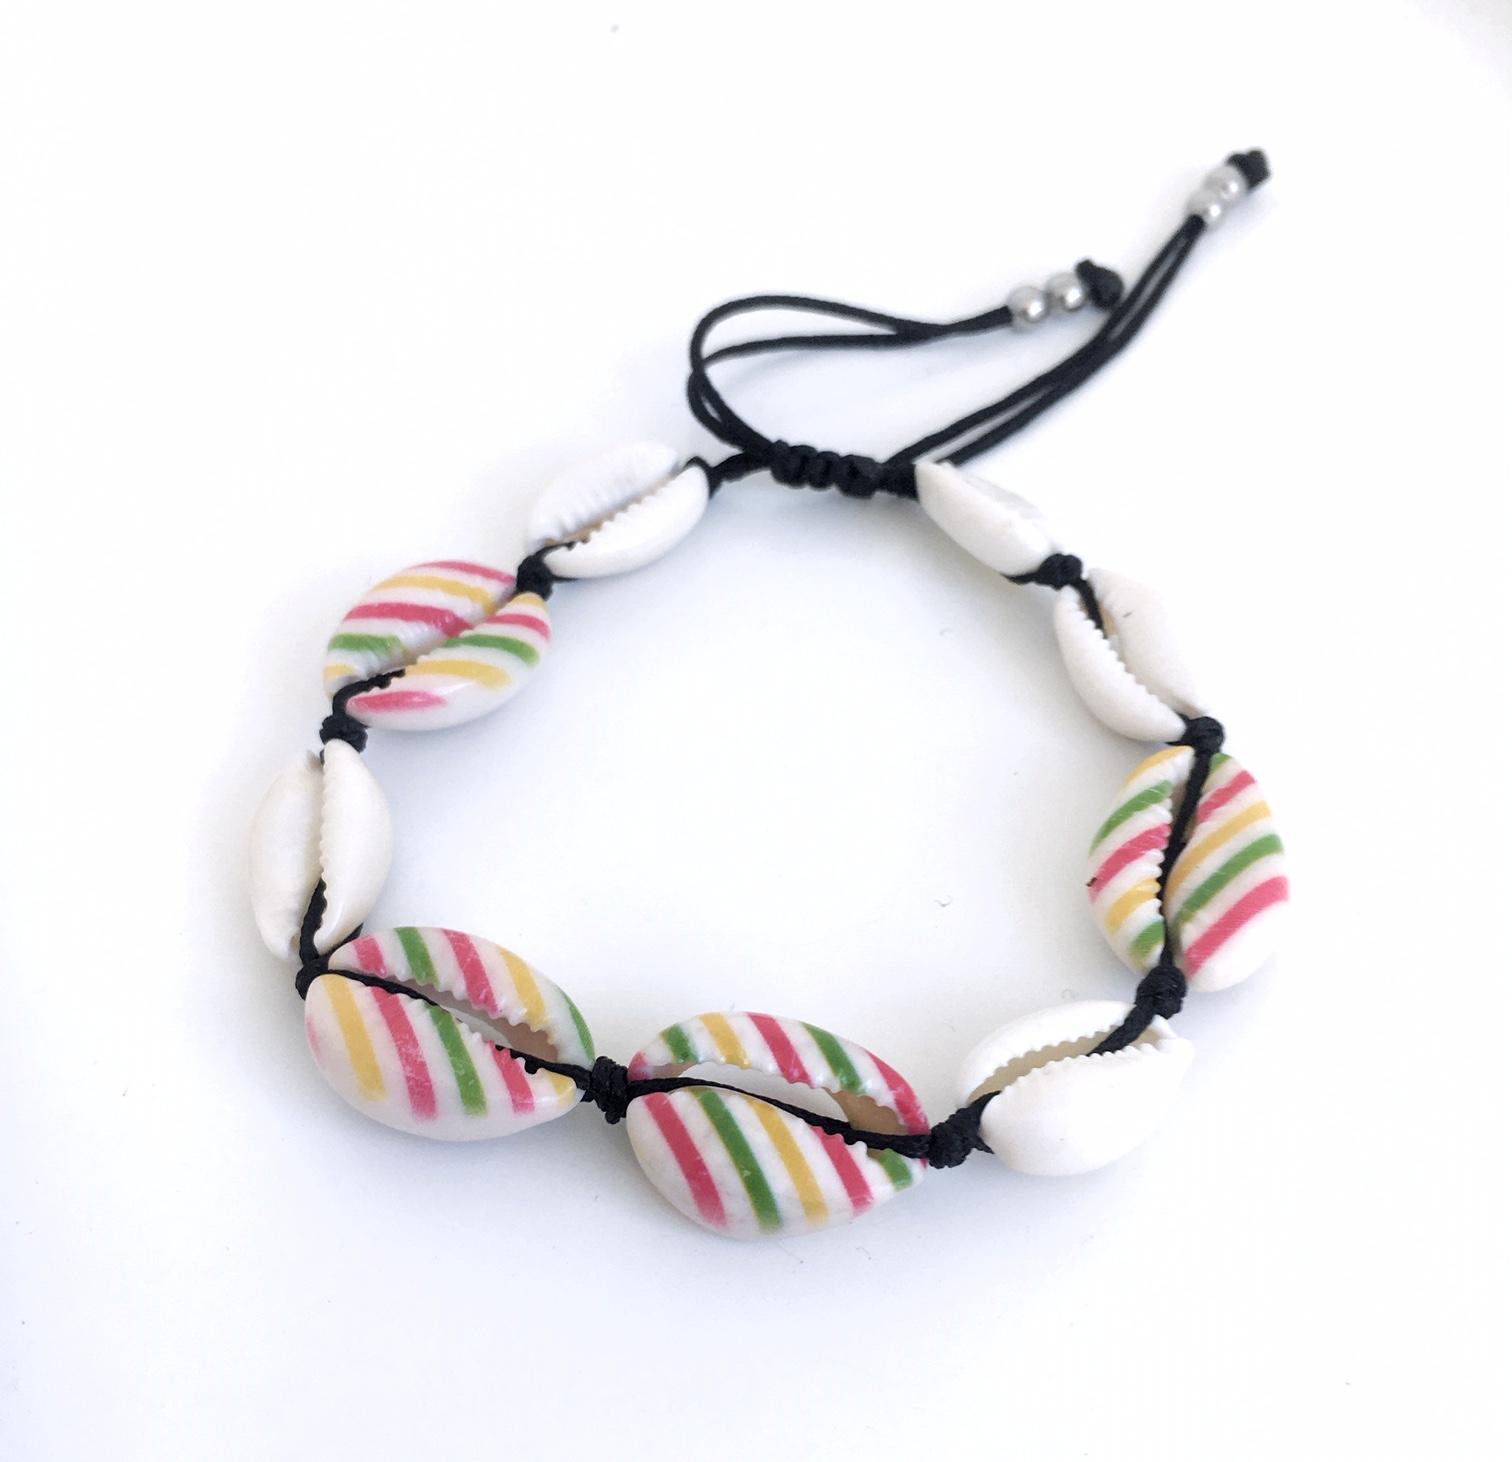 Snäckarmband med färg_randigt_grönt_gilt_rött